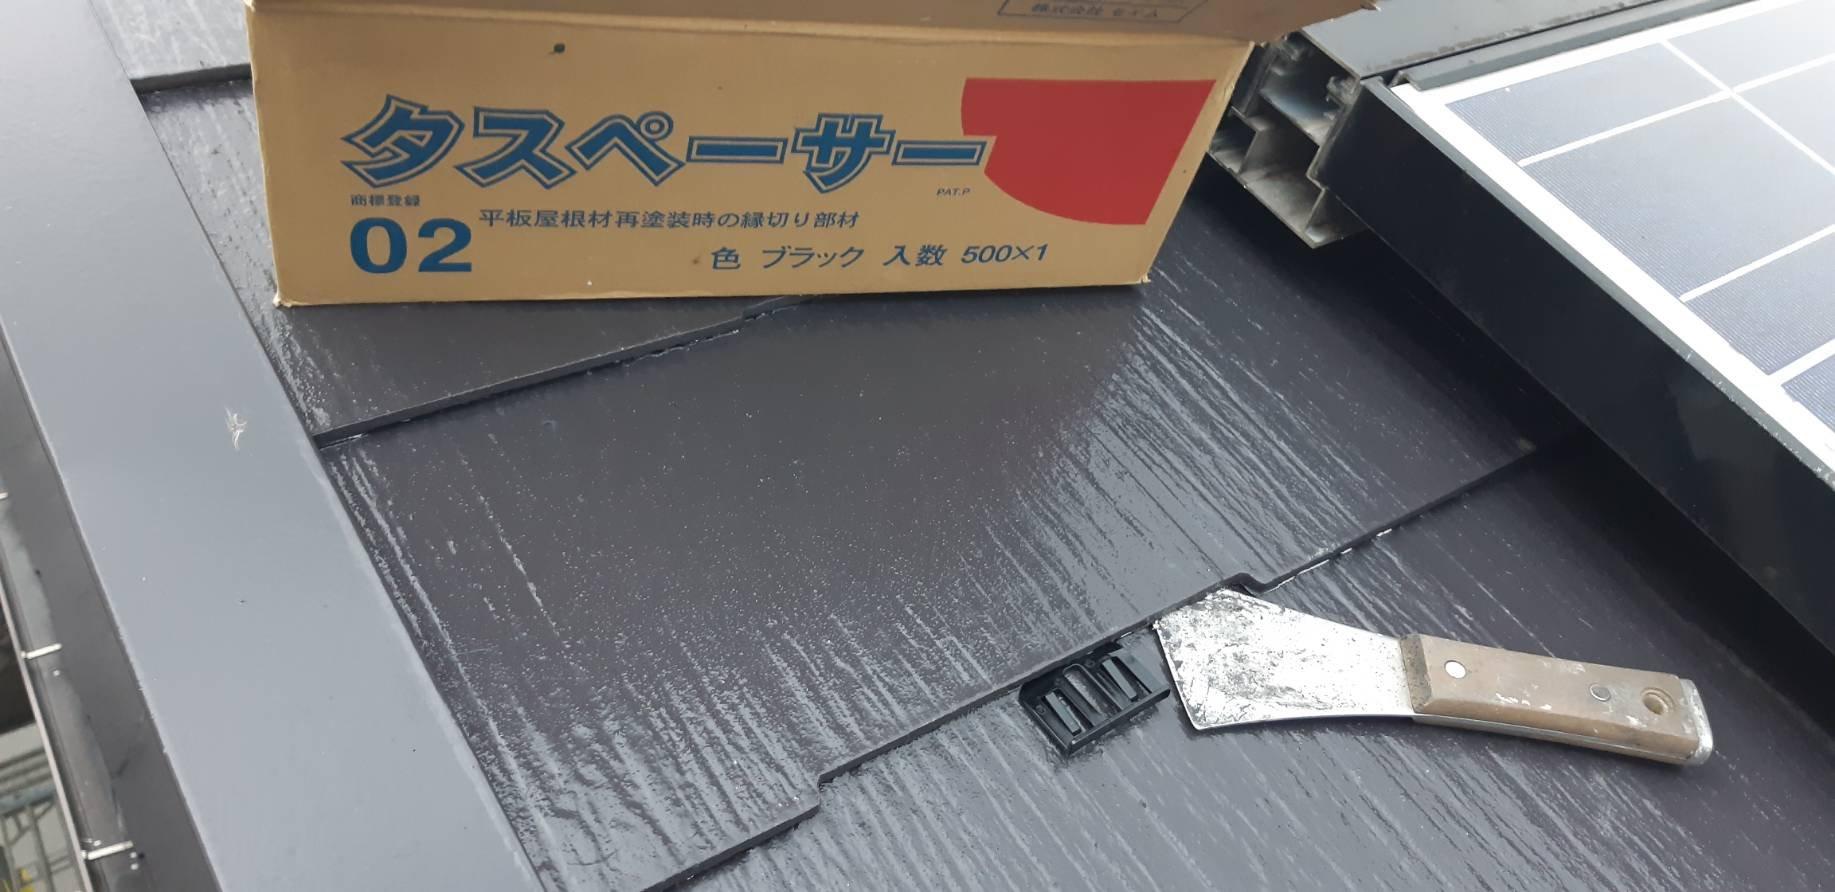 福岡県古賀市美明S 様邸施工5日目屋根縁切り上塗り外壁中塗り付帯塗装作業